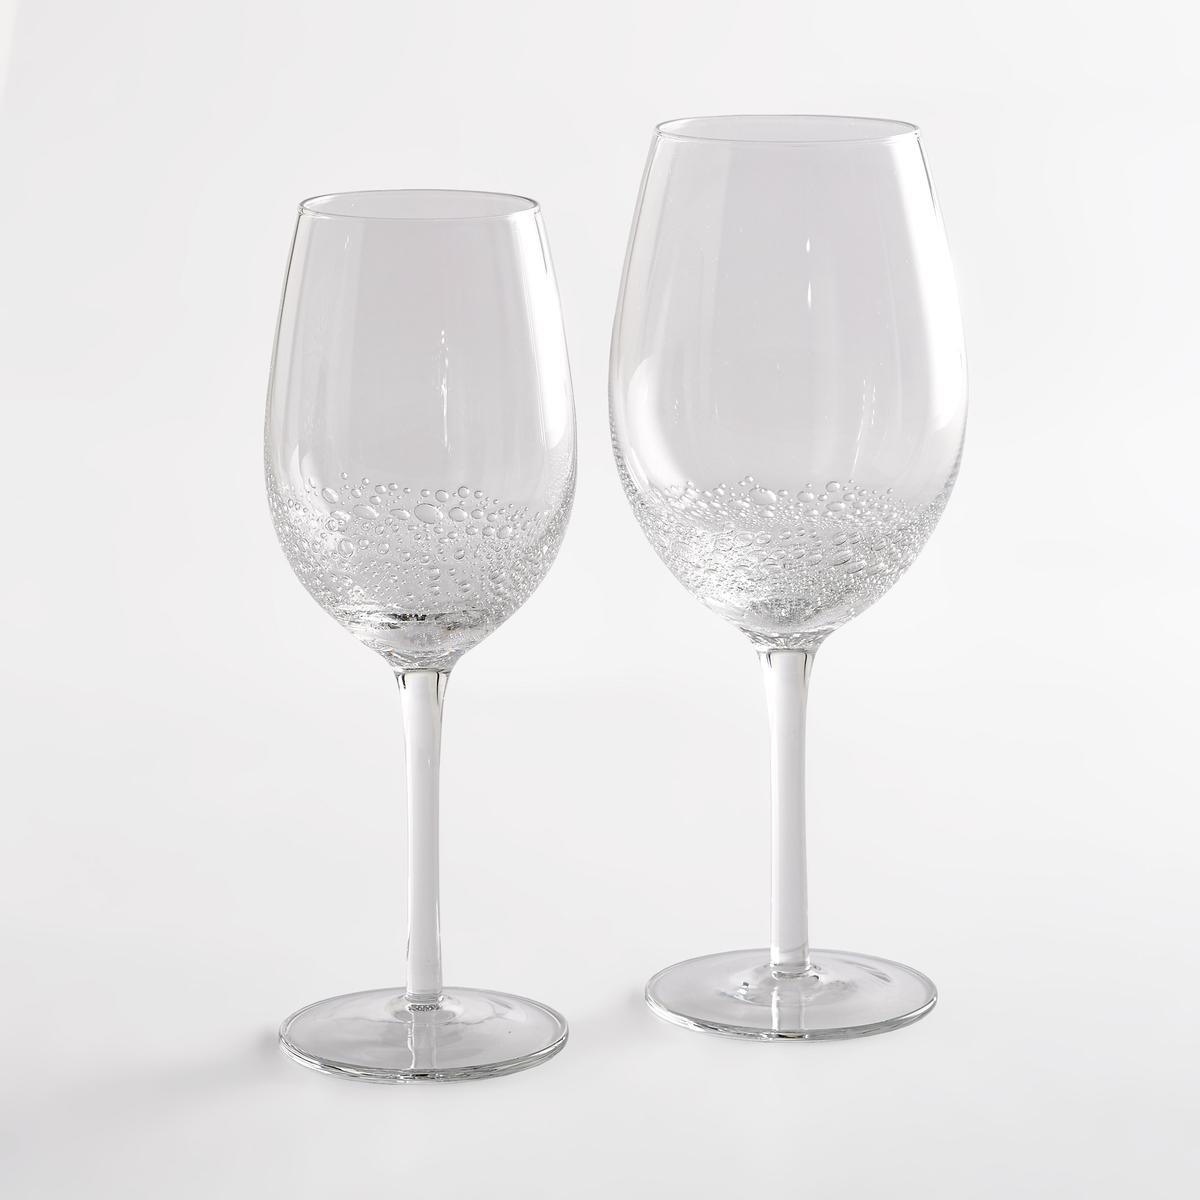 4 бокала под вино  GALIO крымское вино в тюмени